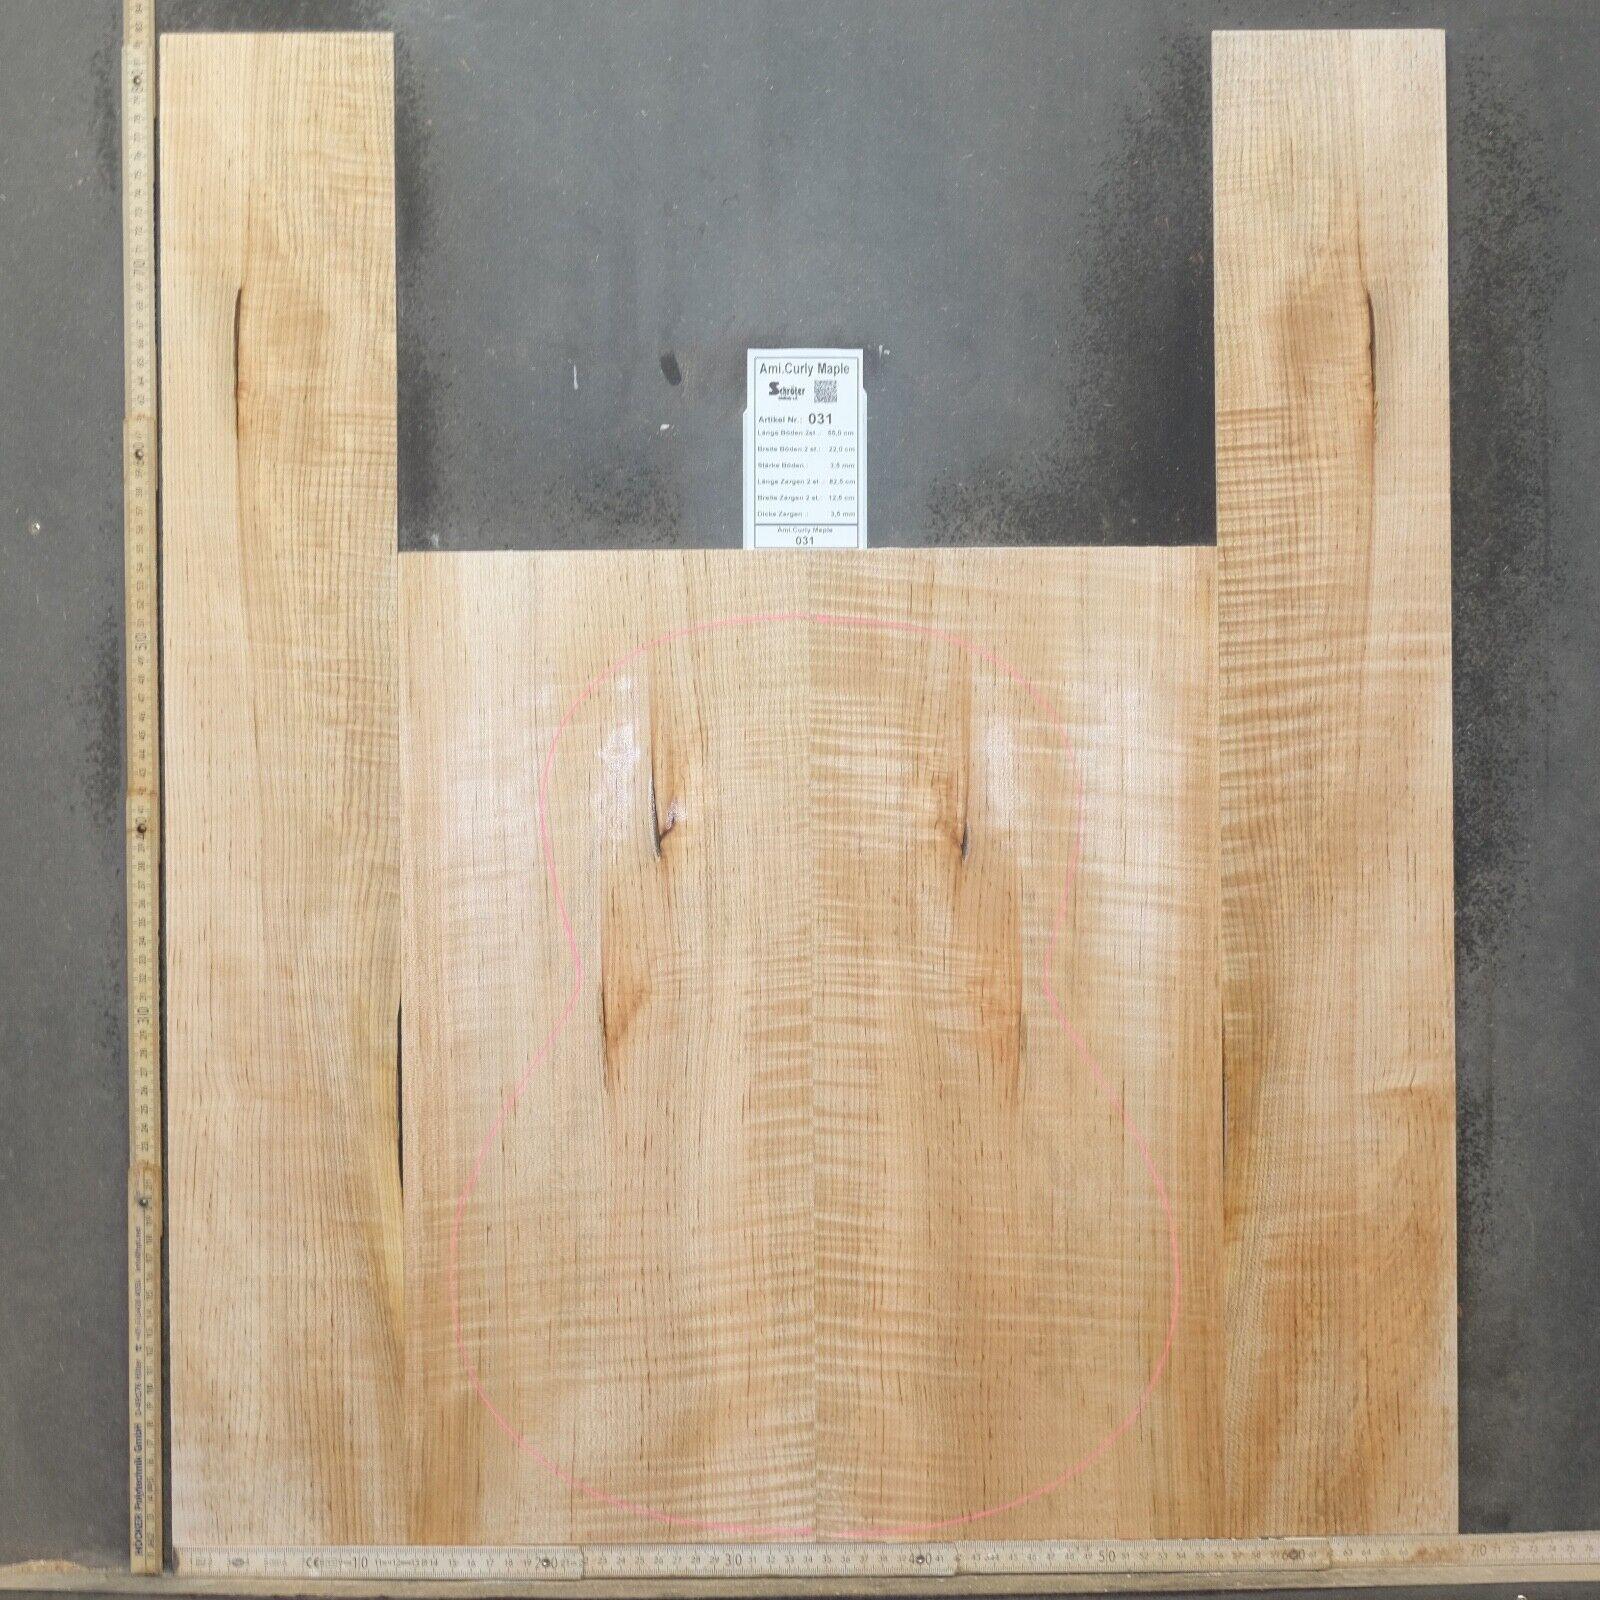 Tonewood Ami Curly Maple Maple Guitar Luthier Tonewood Acoustic Backs & Side 031